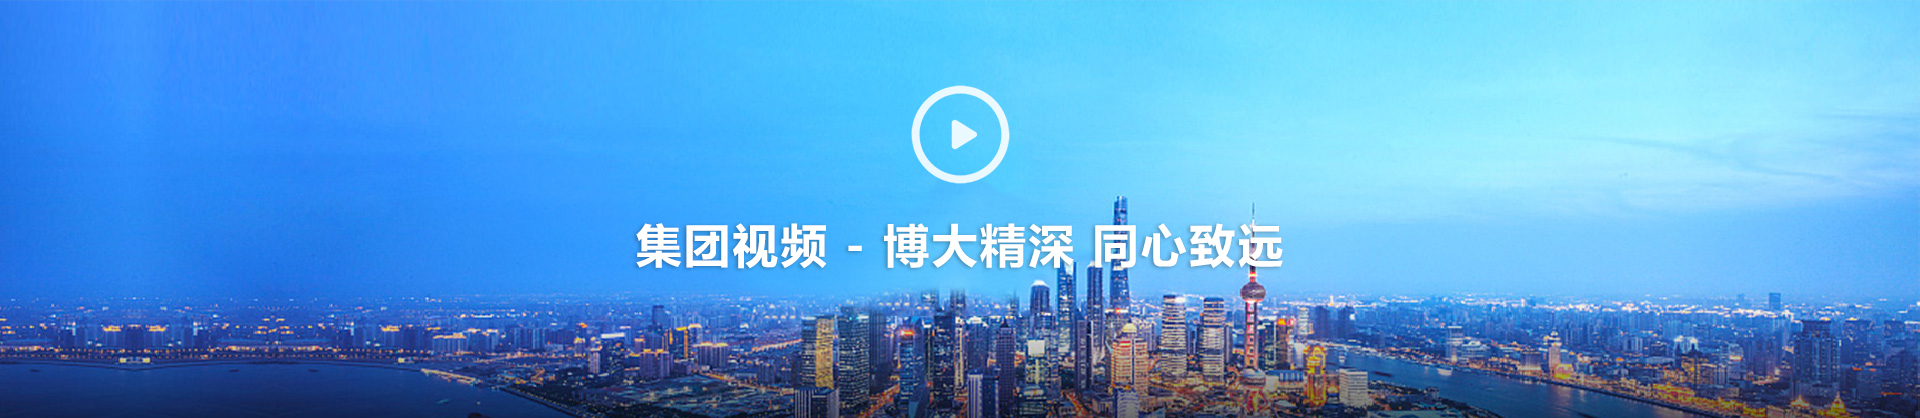 视频banner.jpg